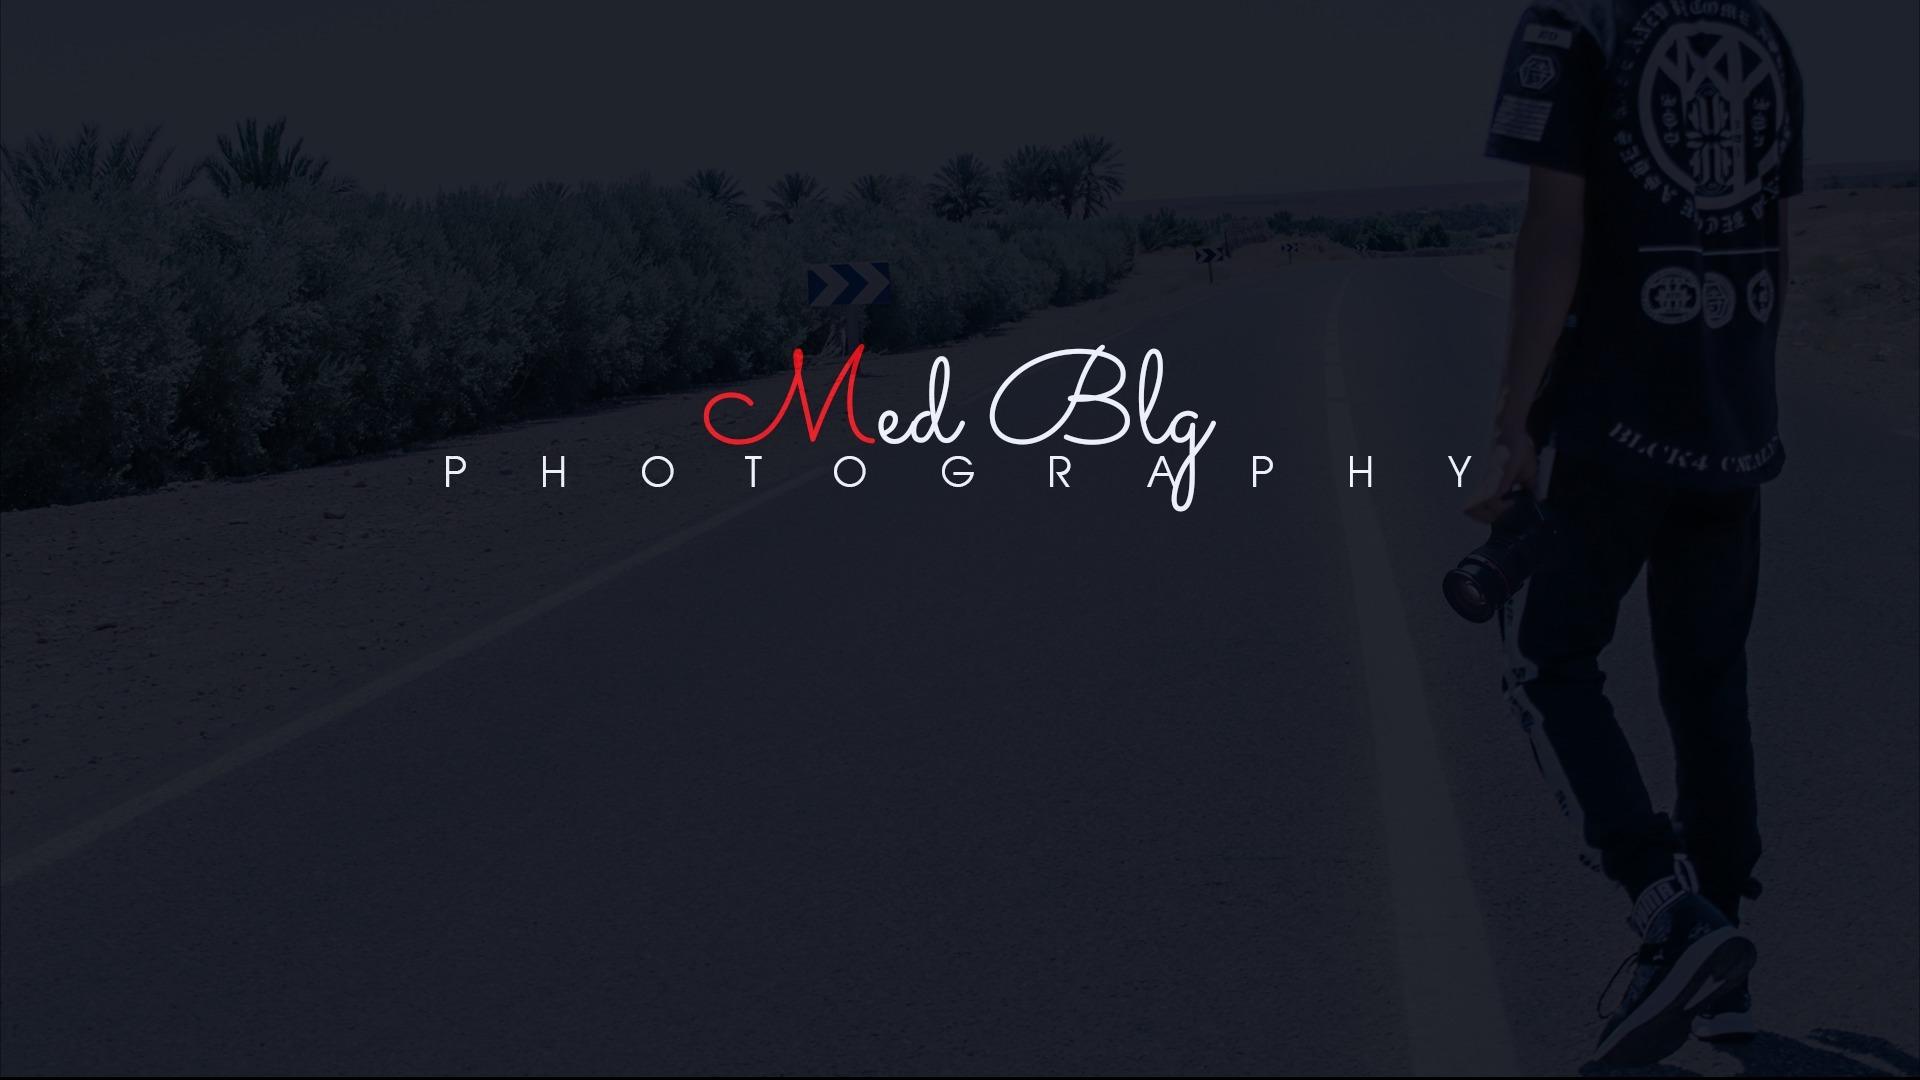 Med blg (@medblg) Cover Image